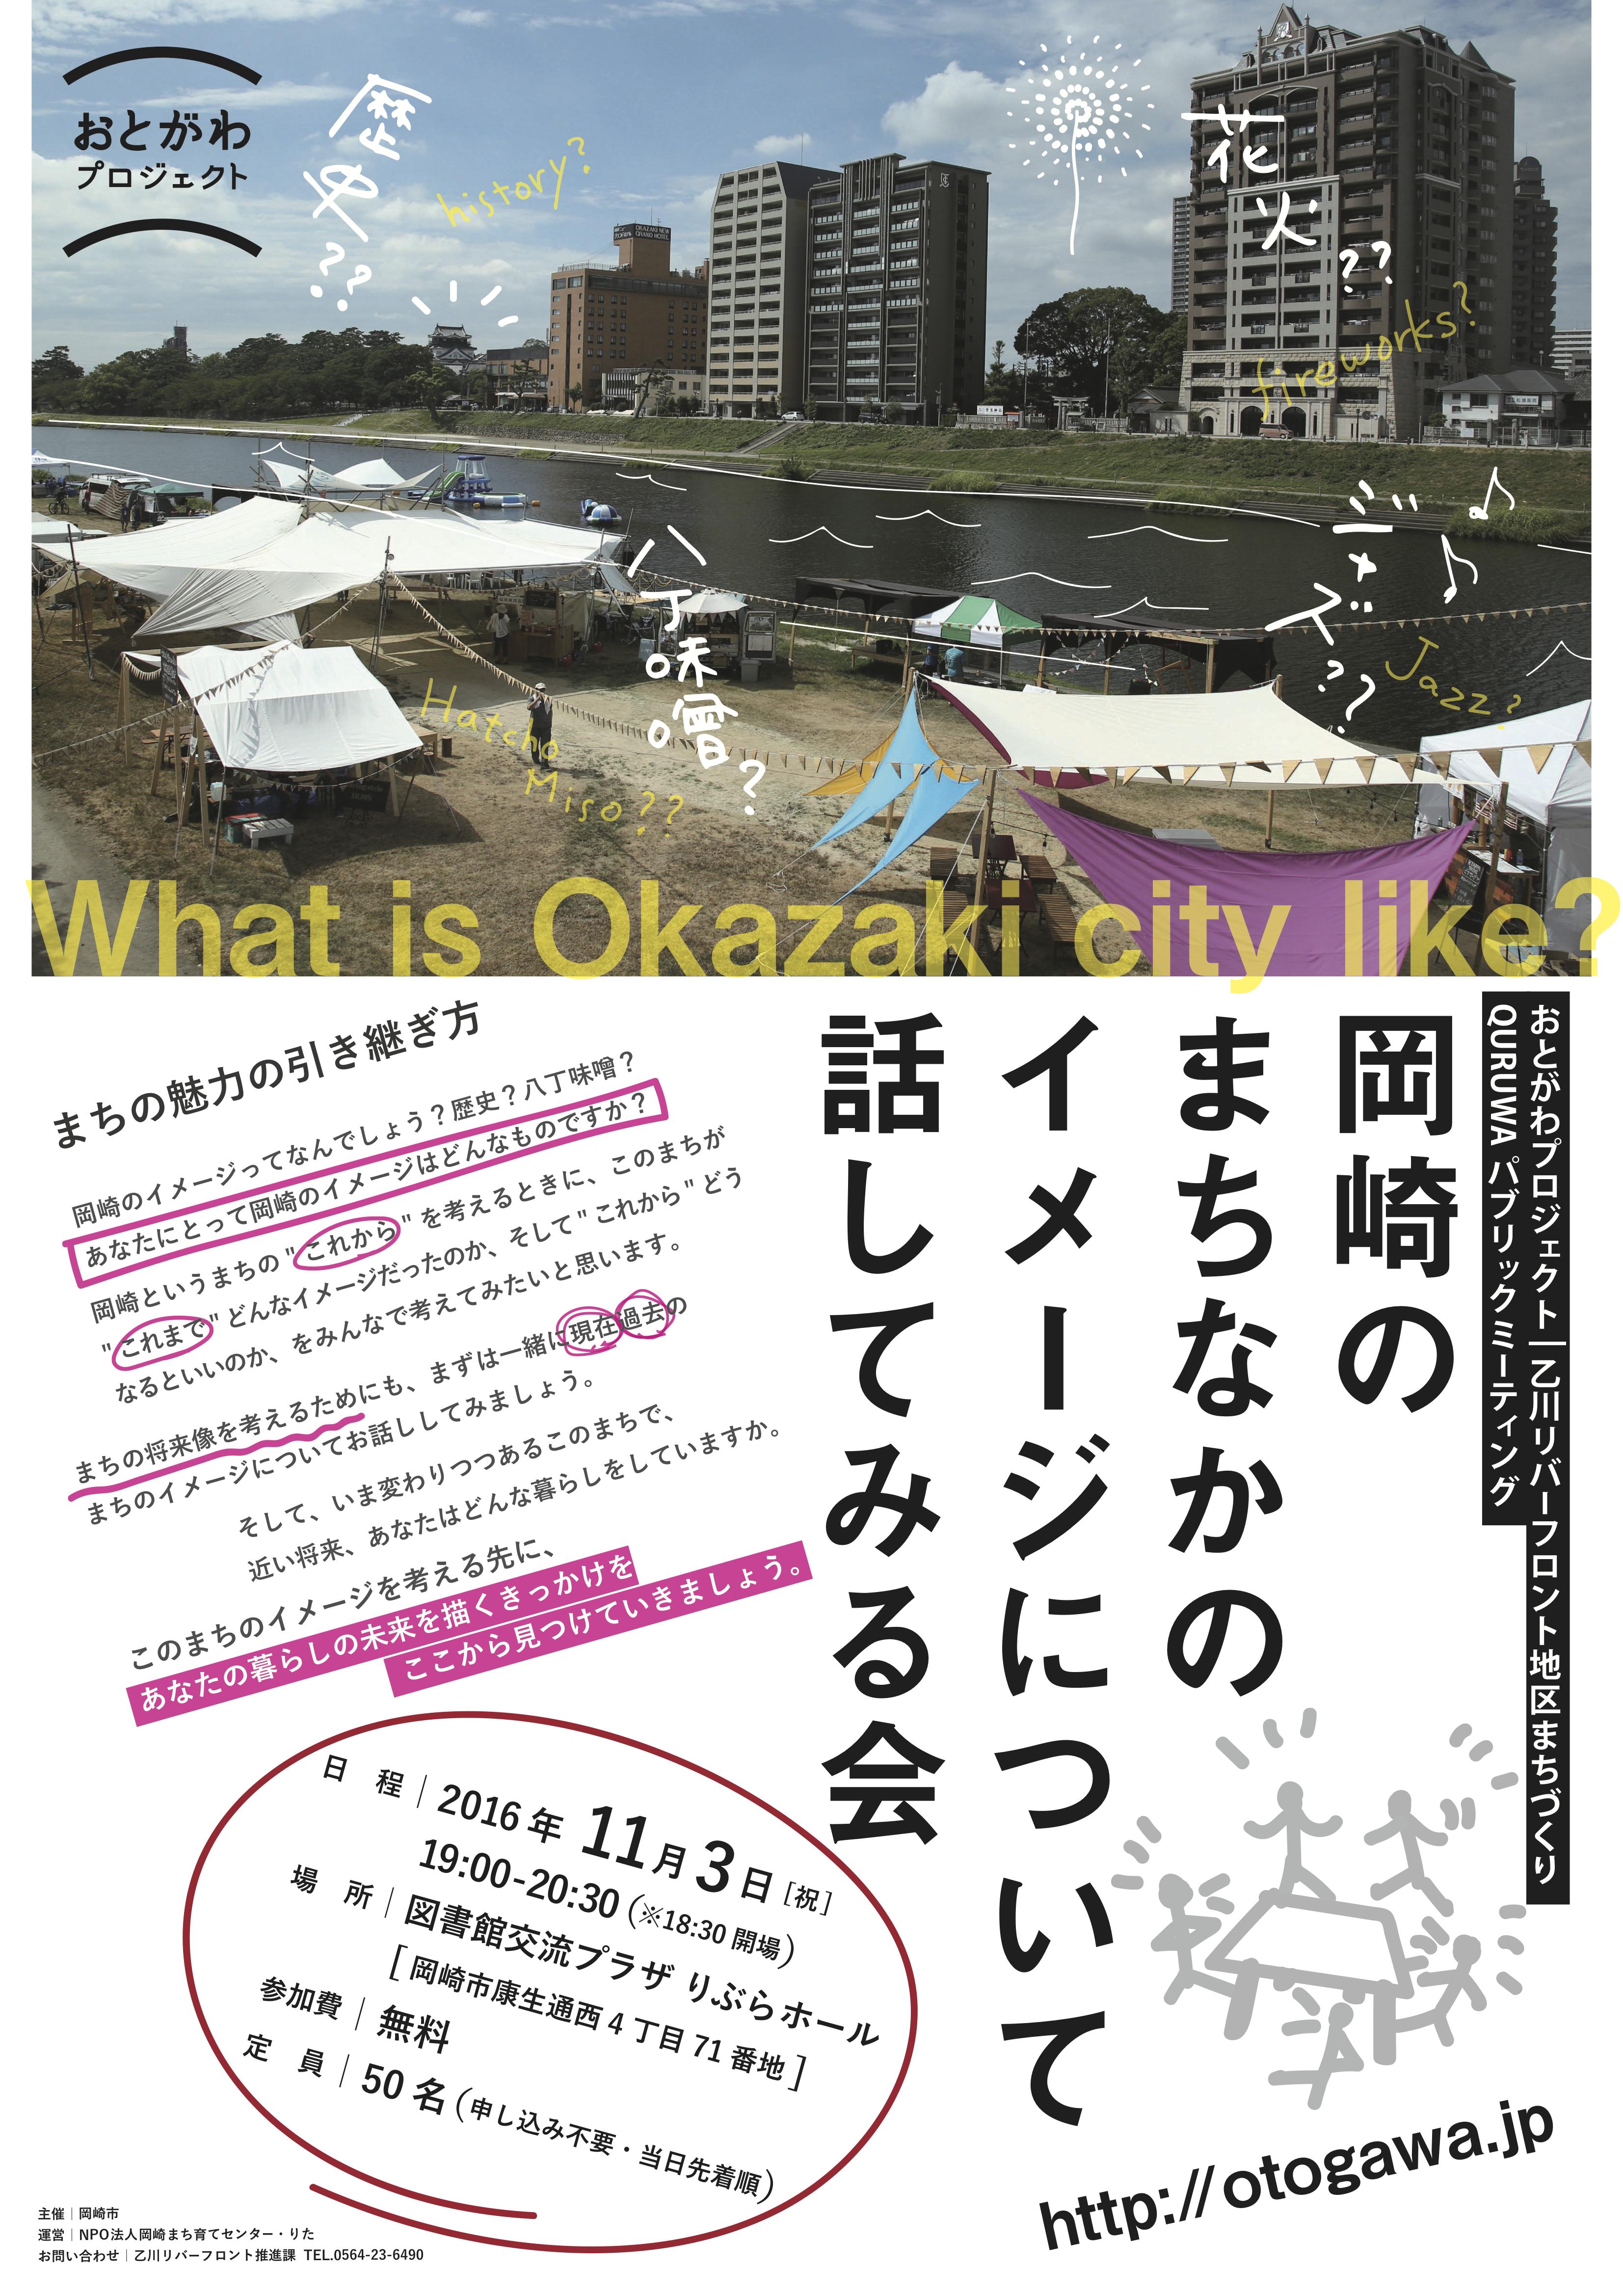 岡崎のまちなかのイメージについて話してみる会 poster